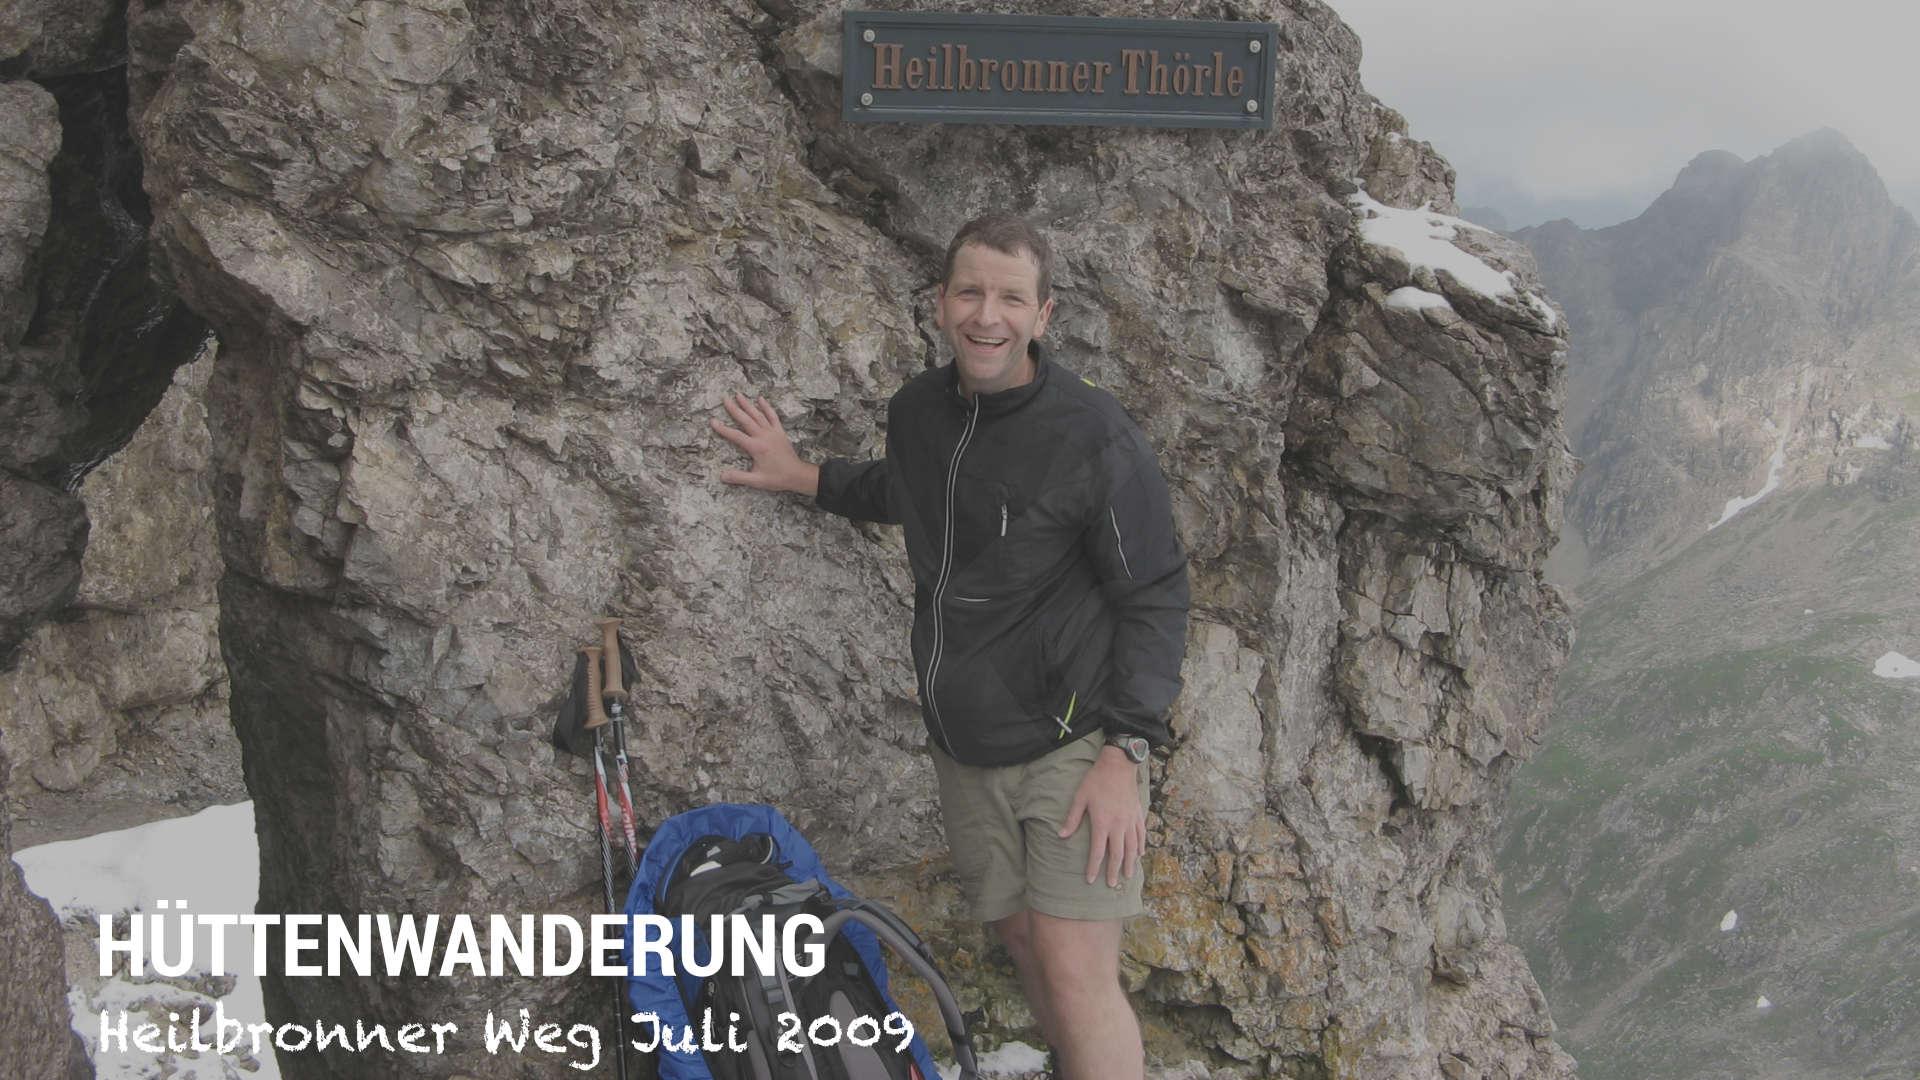 Wandern Heilbronner Weg Heilbronner Thörle - Joachim Auster